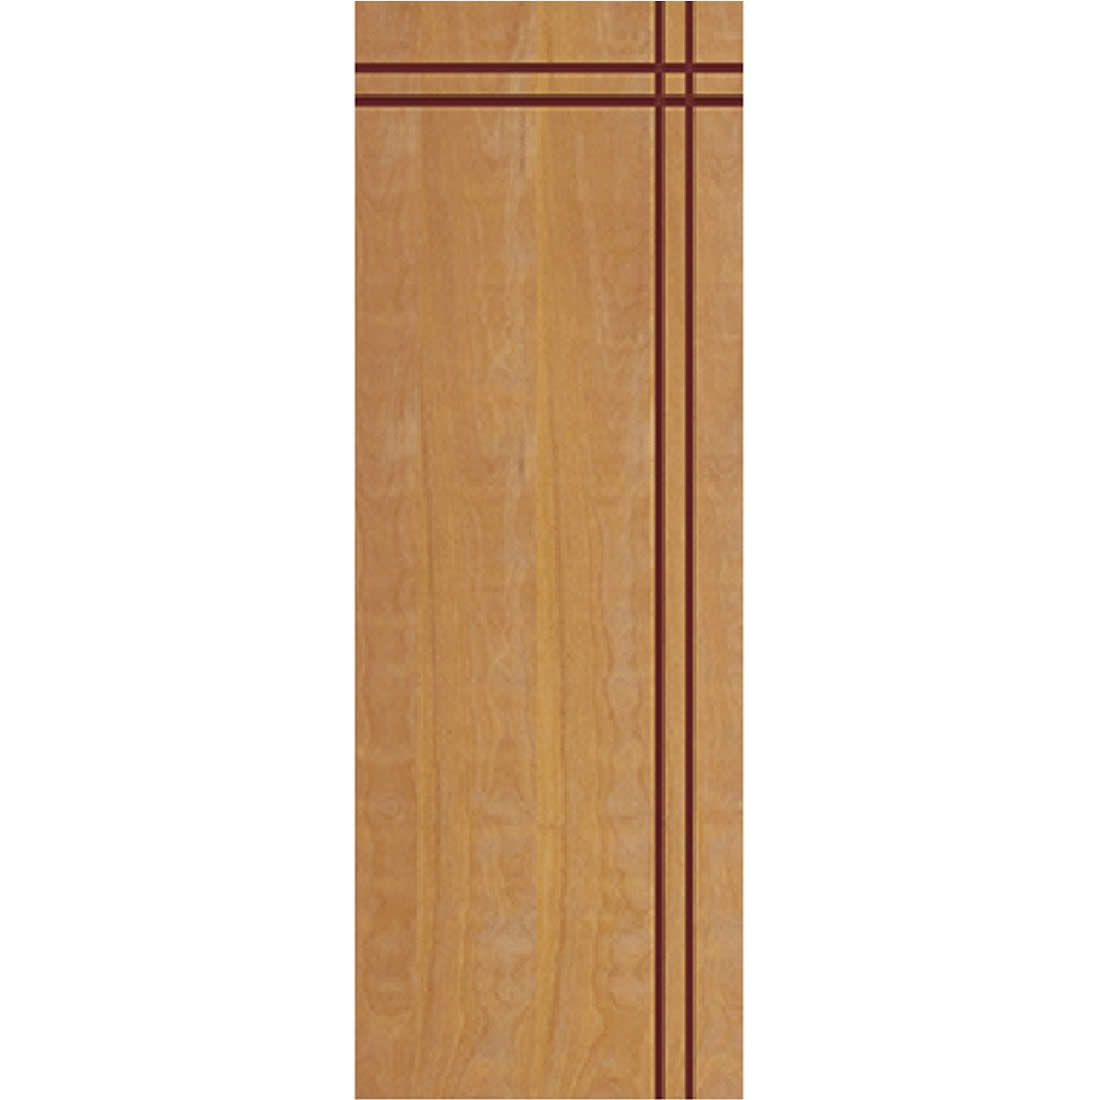 Porta 2,10 x 0,70m em Madeira Curupixa Semi Sólida Modelo 03 Frisada JB Paes